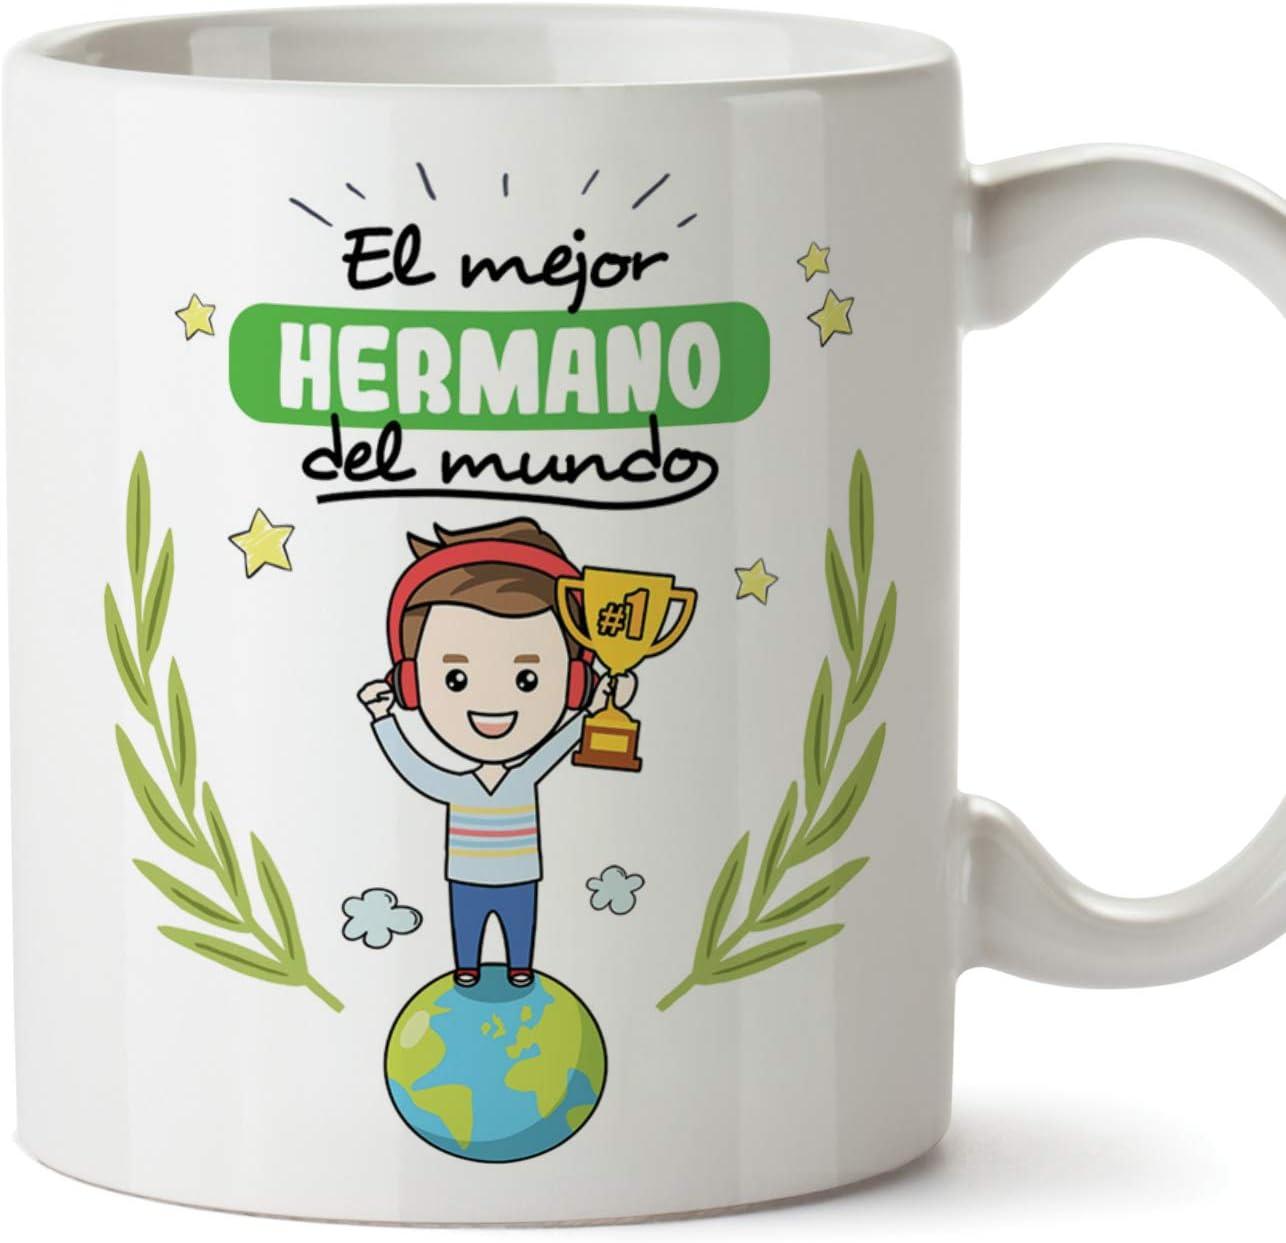 MUGFFINS Taza Hermano - El Mejor Hermano del Mundo - Taza Desayuno/Idea Regalo Original/Cumpleaños de Hermanitos. Cerámica 350 mL